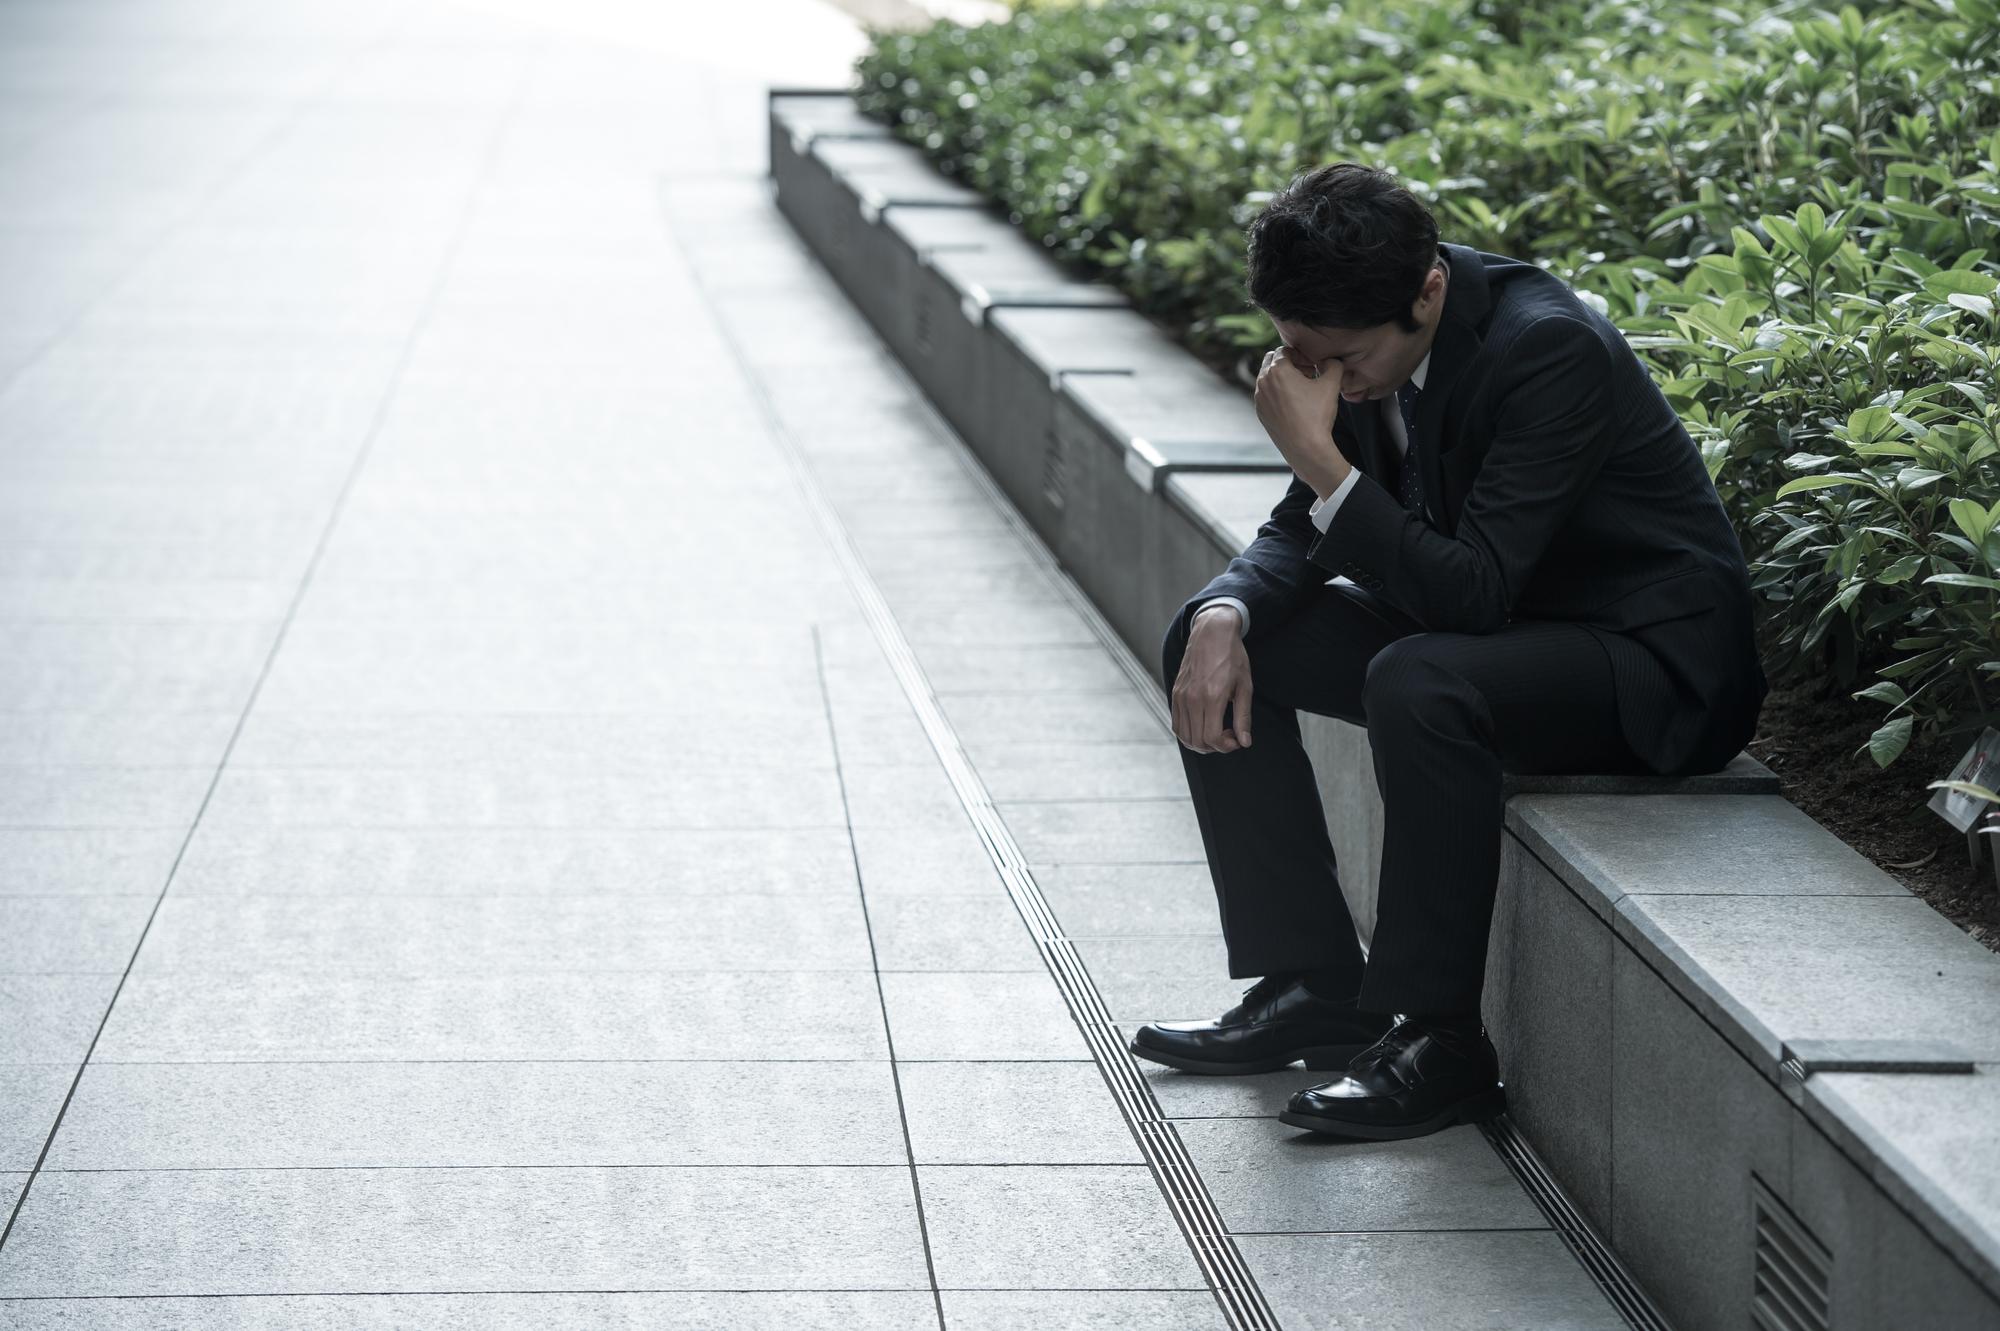 転職に失敗して頭を抱える第二新卒の男性